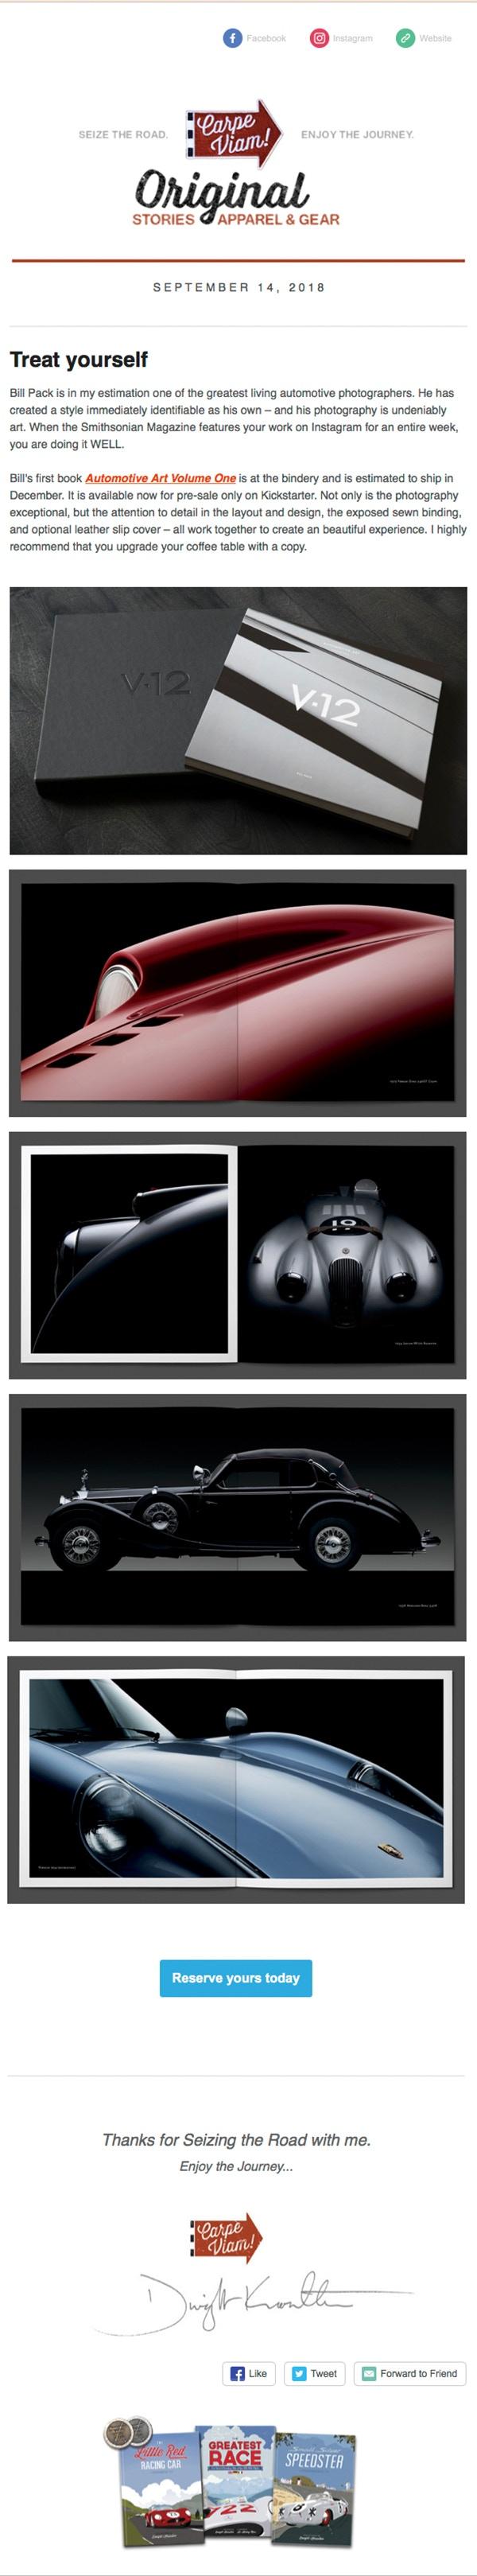 v12 automotive art volume one by bill pack carpe viam write up